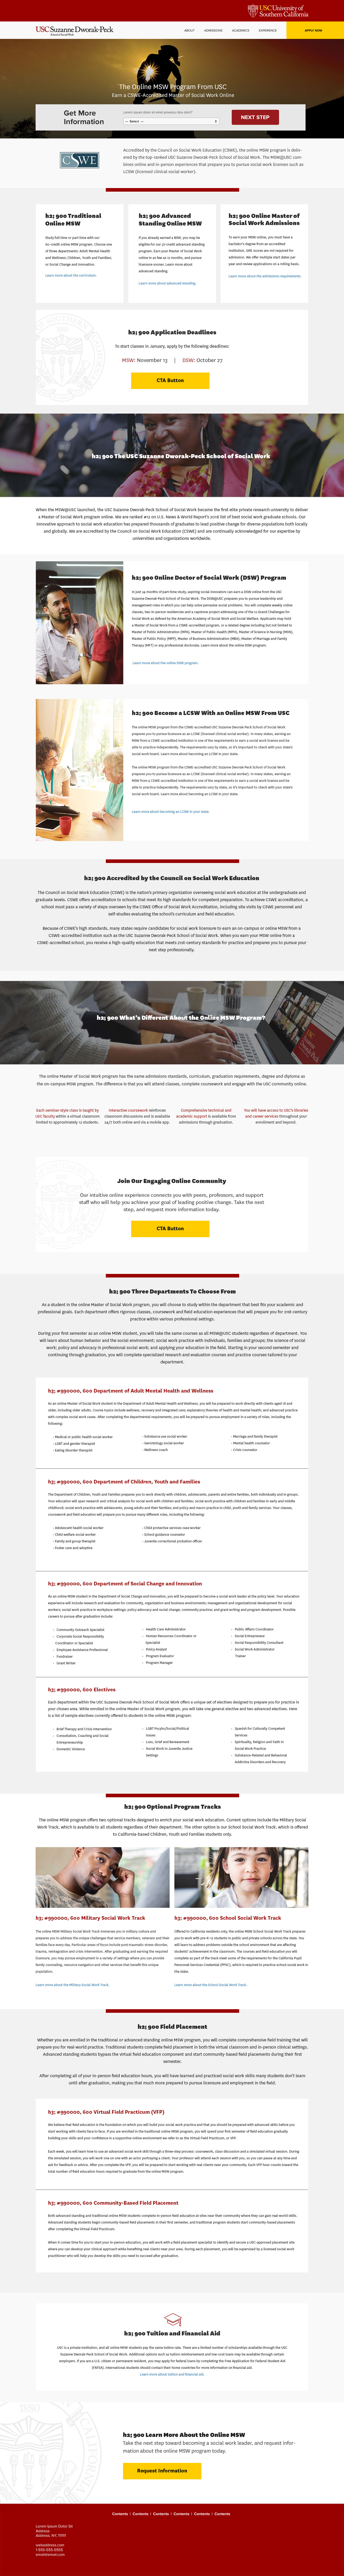 USC-MSW_Website Design.jpg